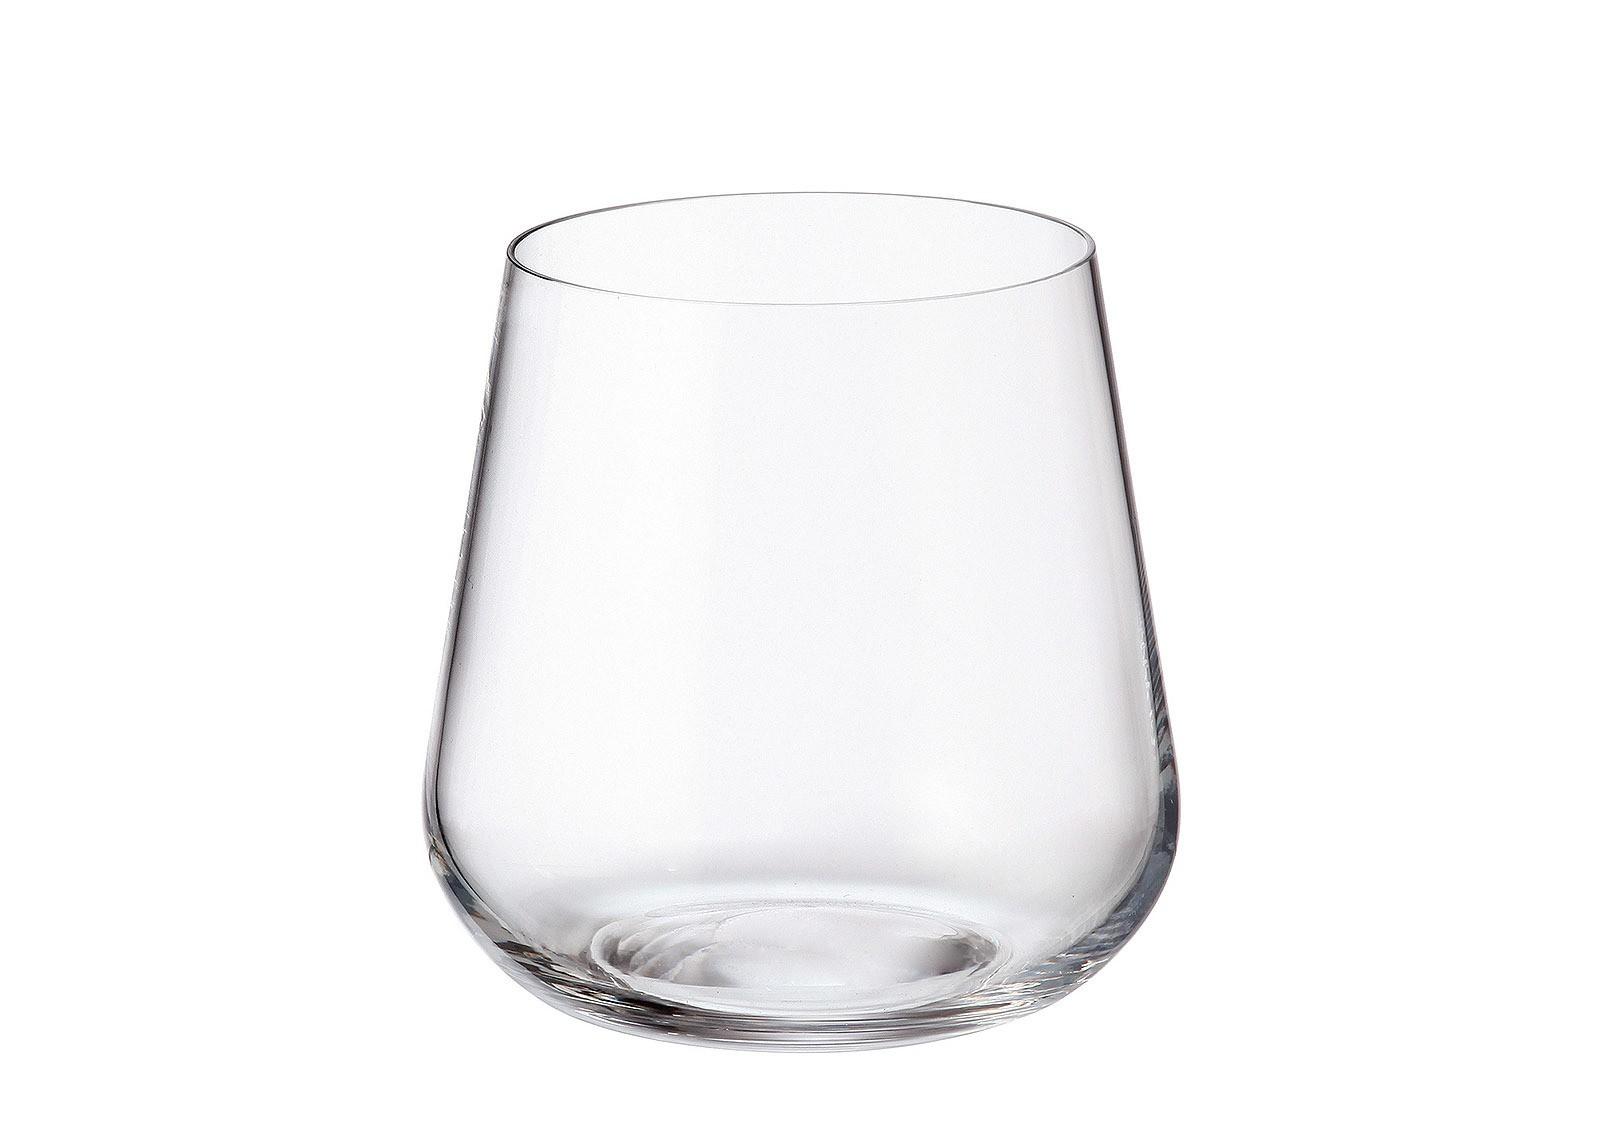 Ποτήρι Ουίσκι Ardea Σετ 6Τμχ Κρυστάλλινο 320ml Bohemia home   ειδη σερβιρισματος   ποτήρια